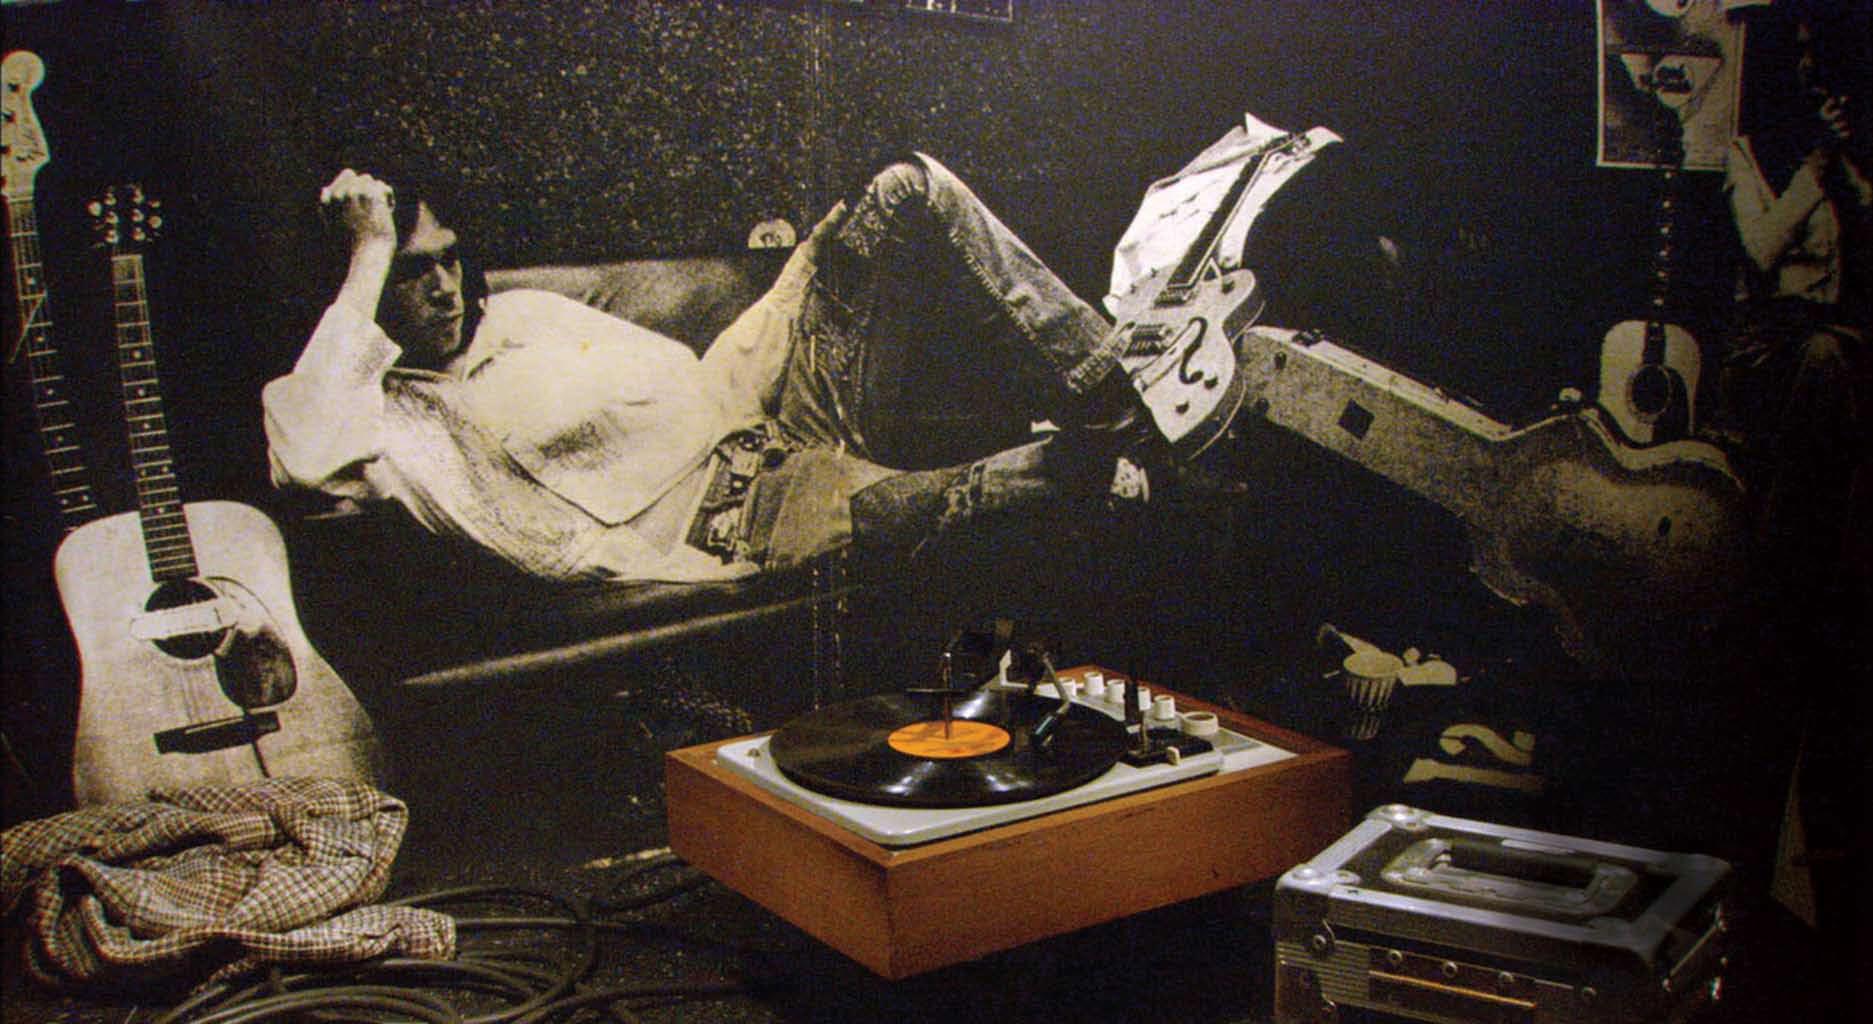 Fotografía de Neil Young en su juventud.